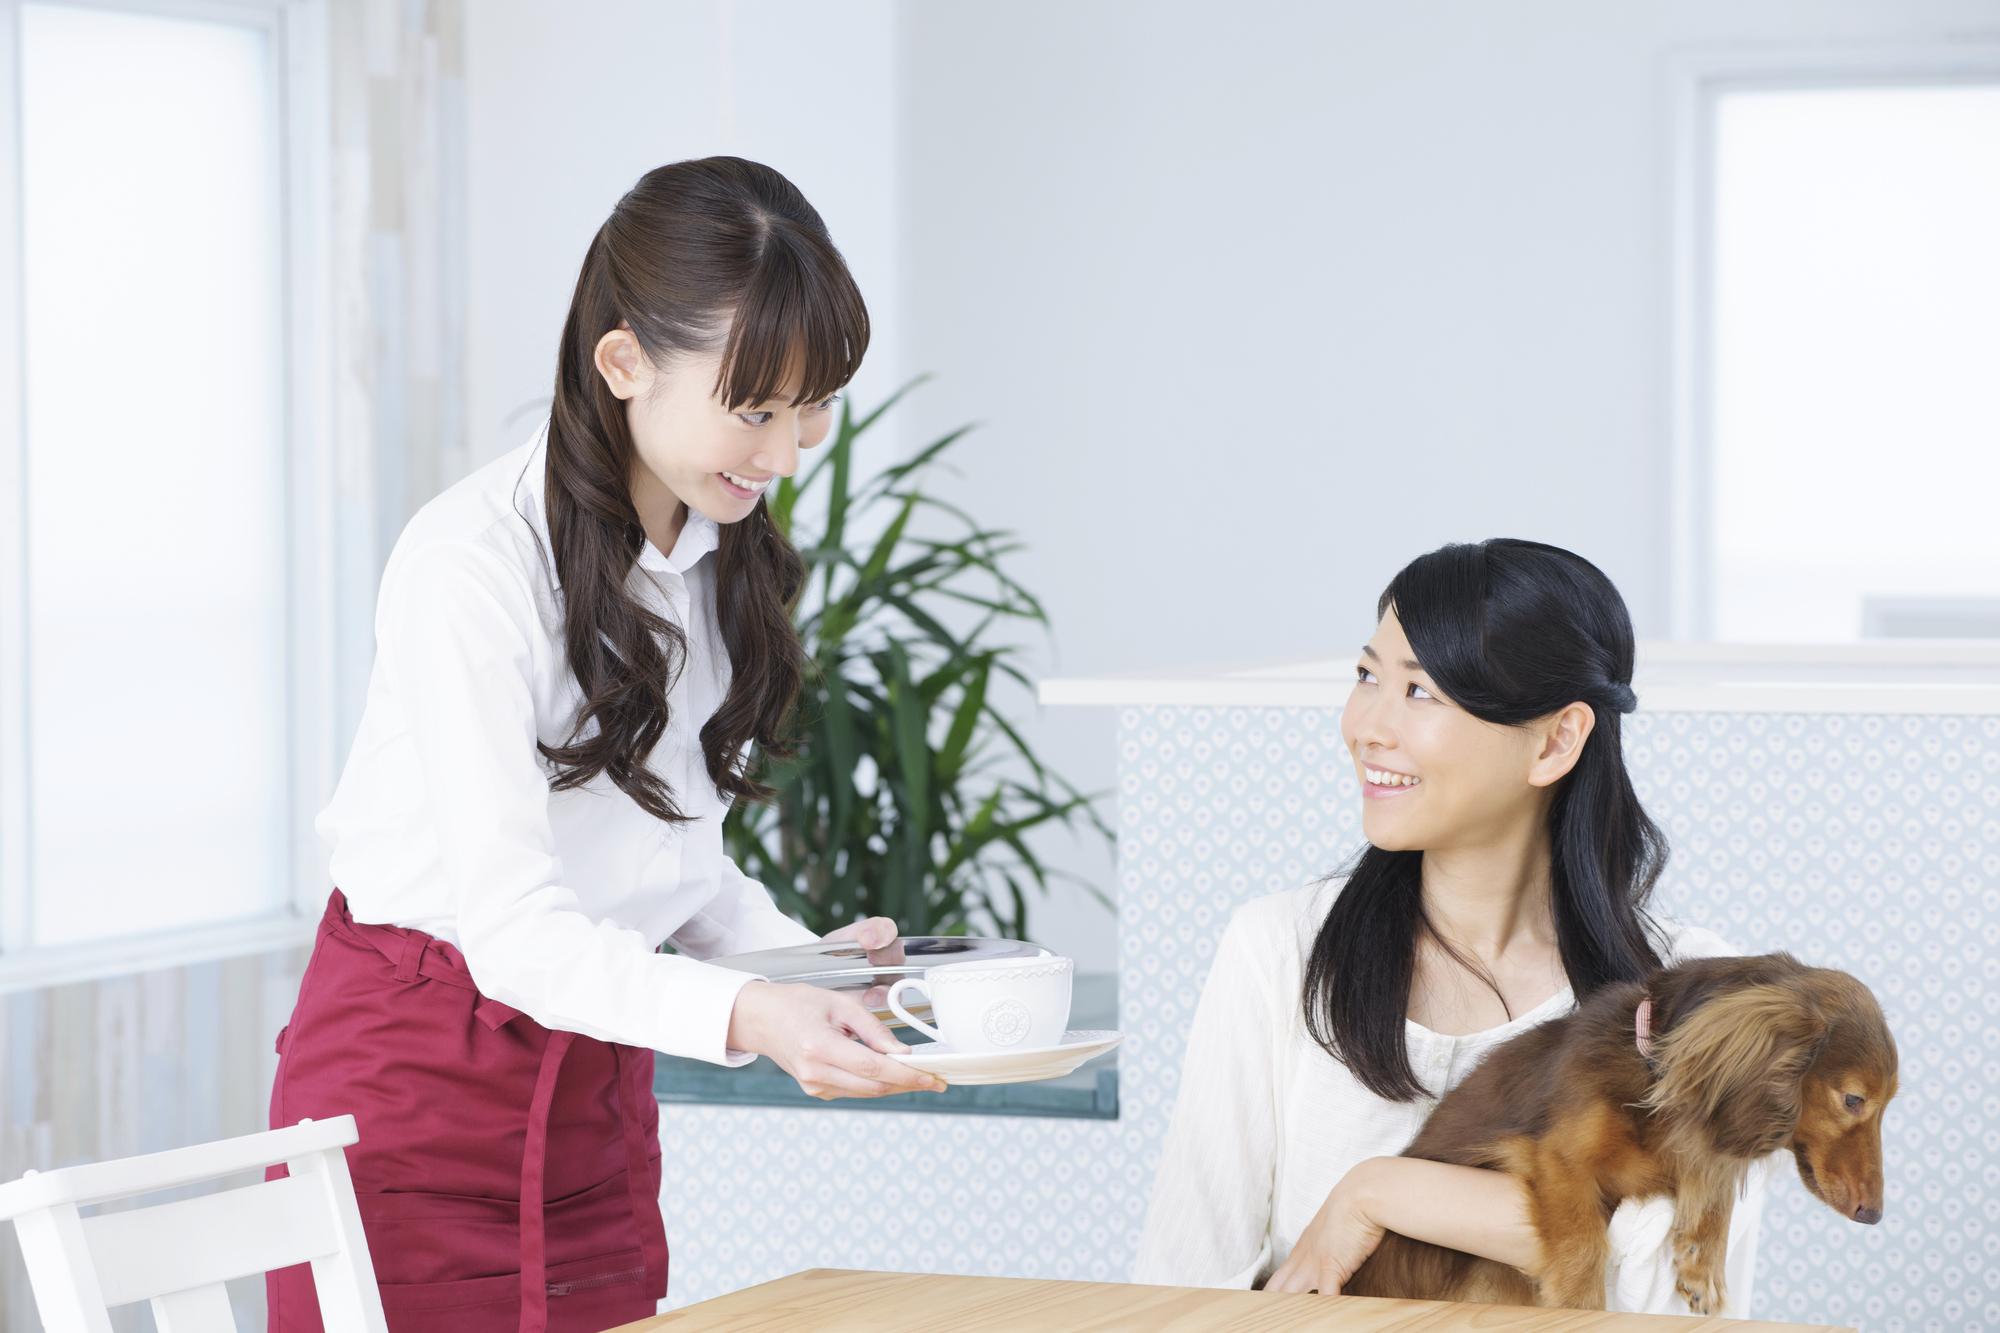 ドッグカフェでの愛犬マナー!はじめてドッグカフェを利用する前には必読!